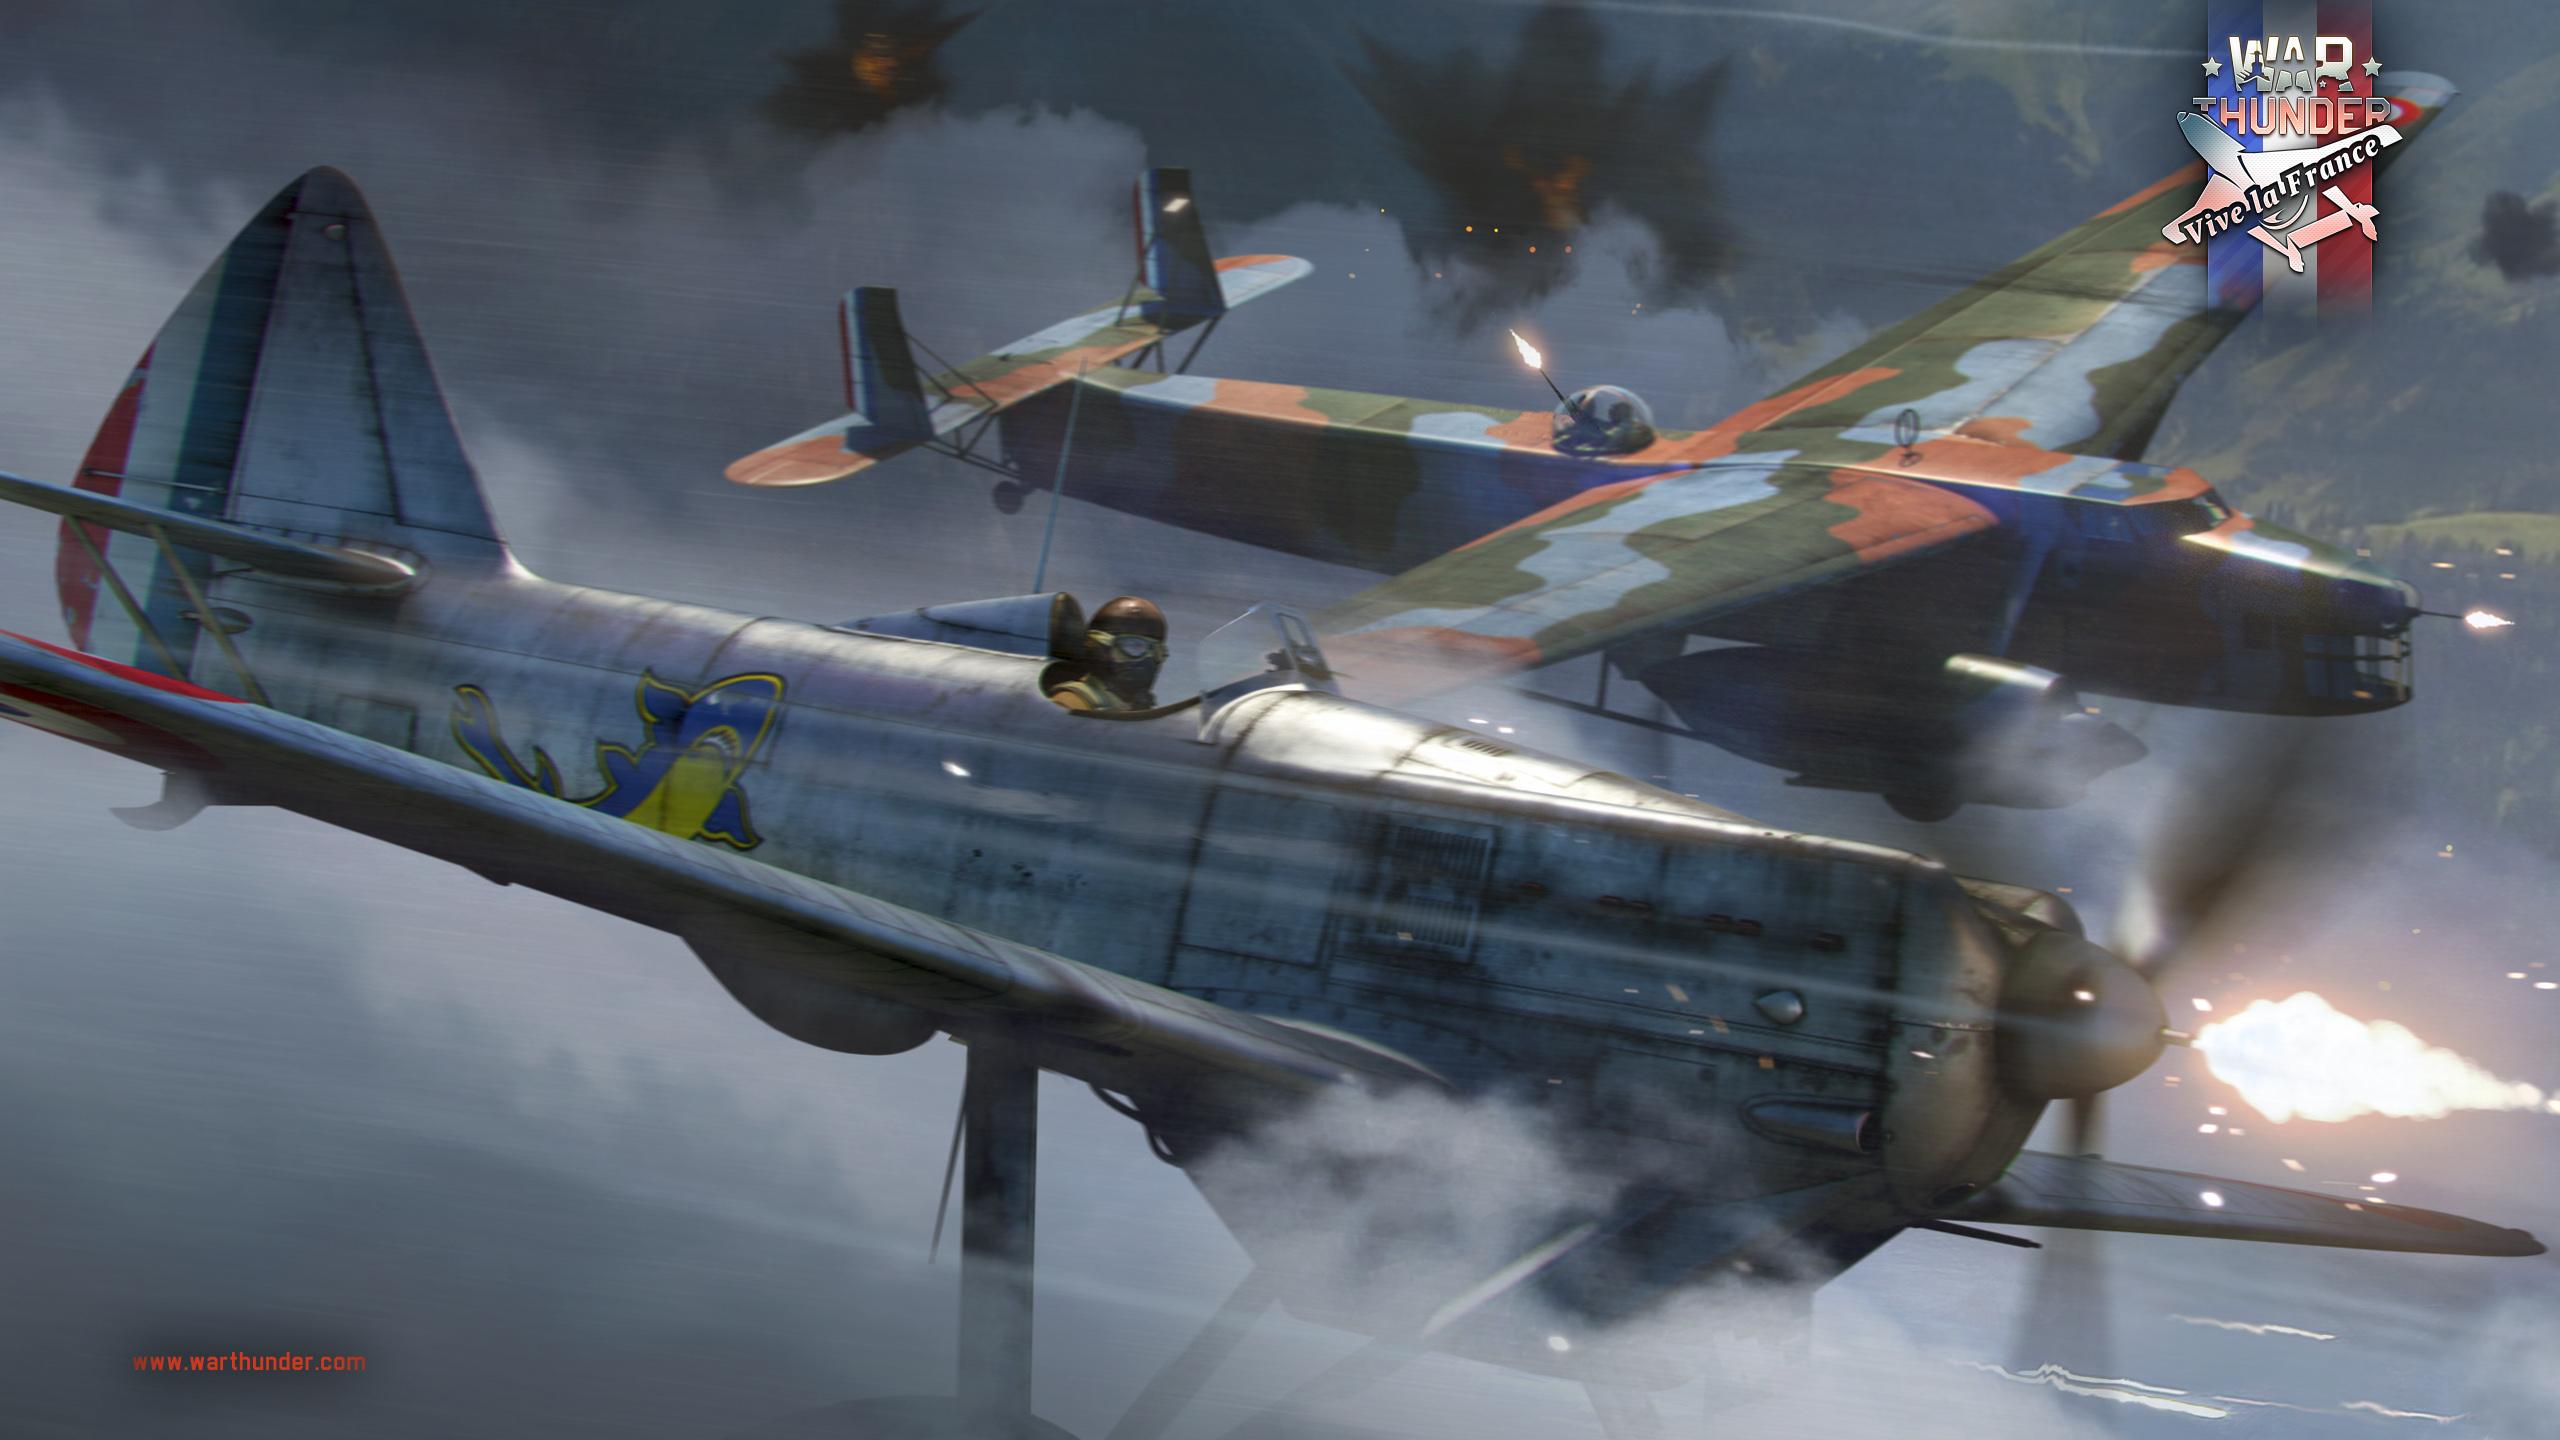 Smallest plane in war thunder